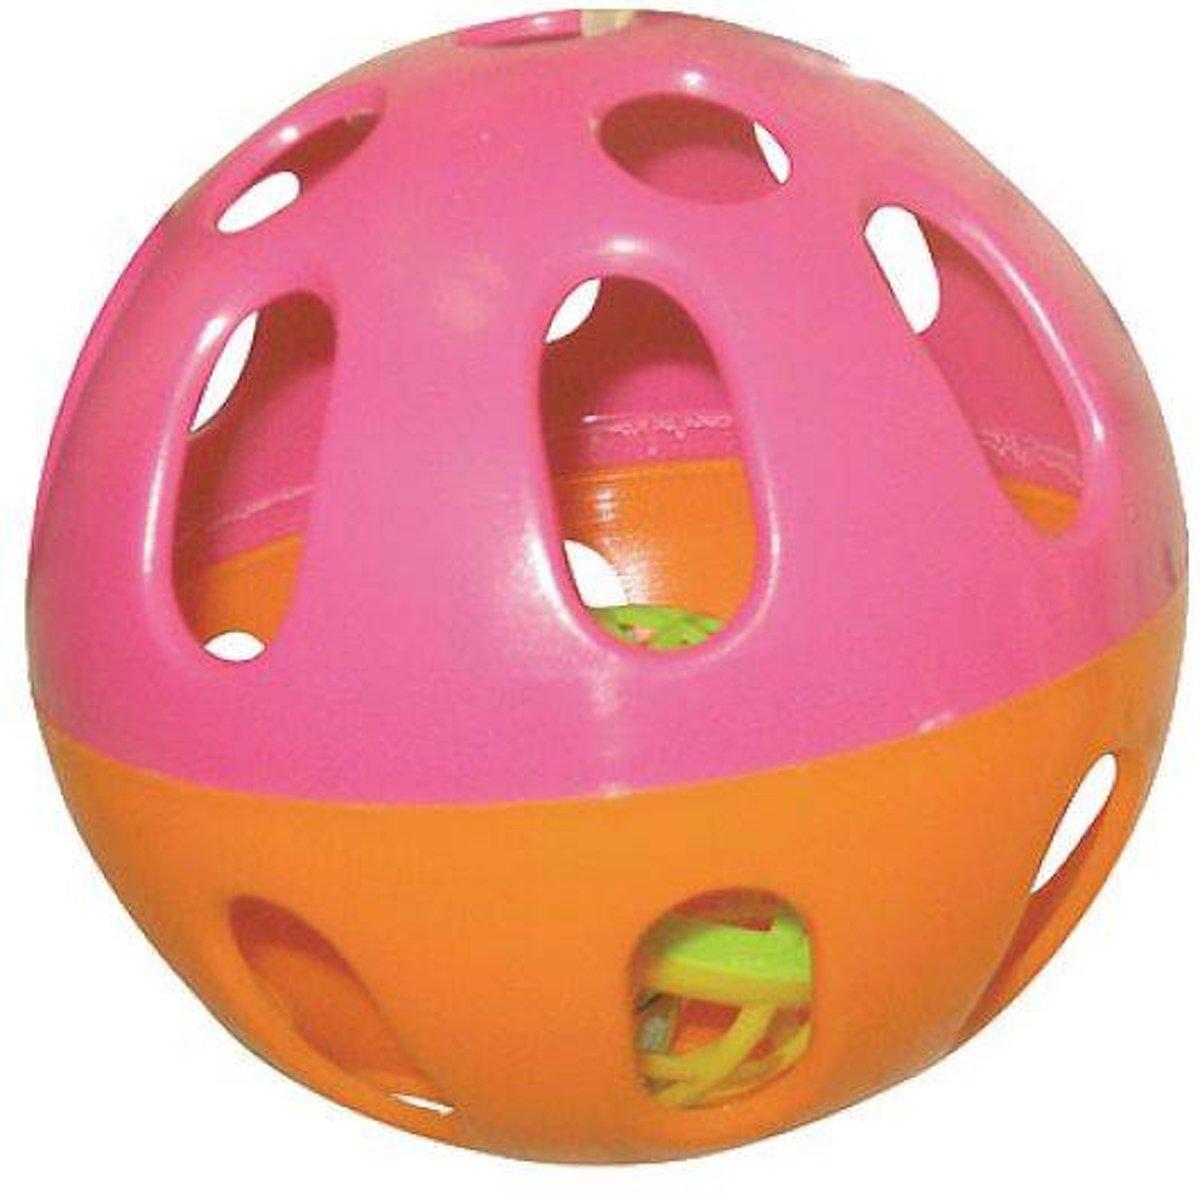 Happy Pet Plastic Speelbal - Knaagspeeltje - Assorti - 6.5 x 6.5 x 6.5 cm